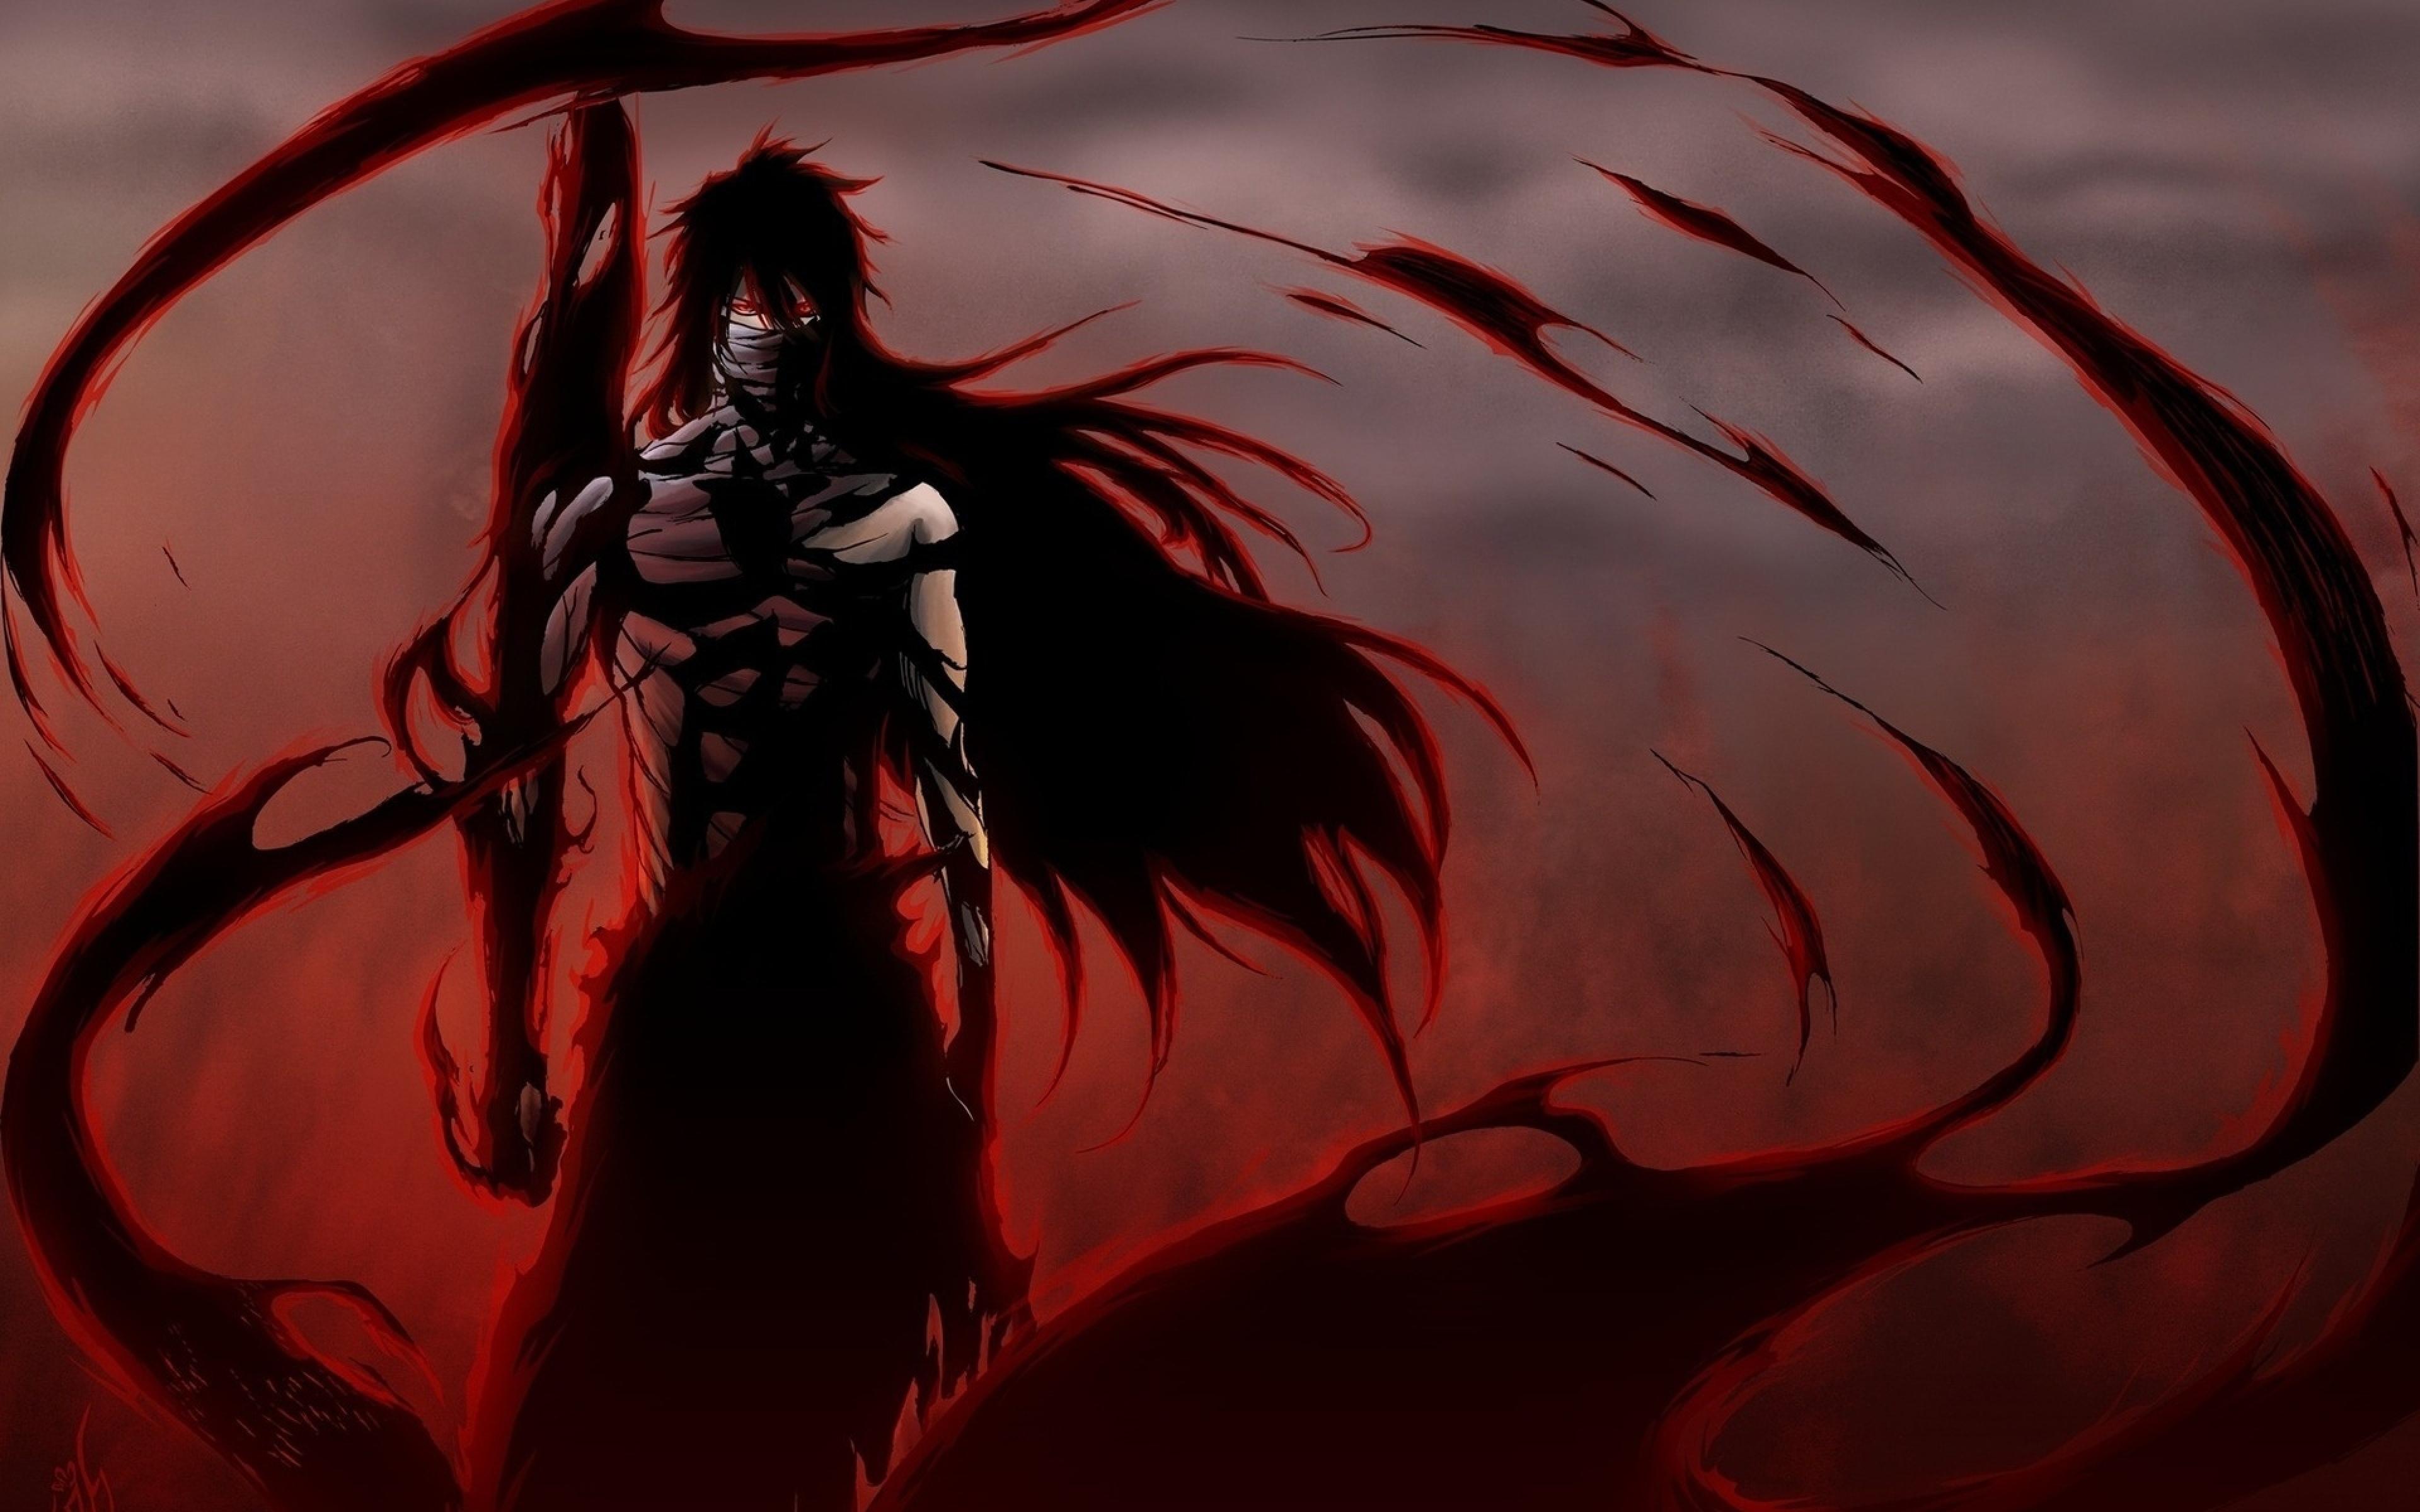 3840x2400 Anime Bleach Ichego Posture Wind Background Wallpaper 3840x2400